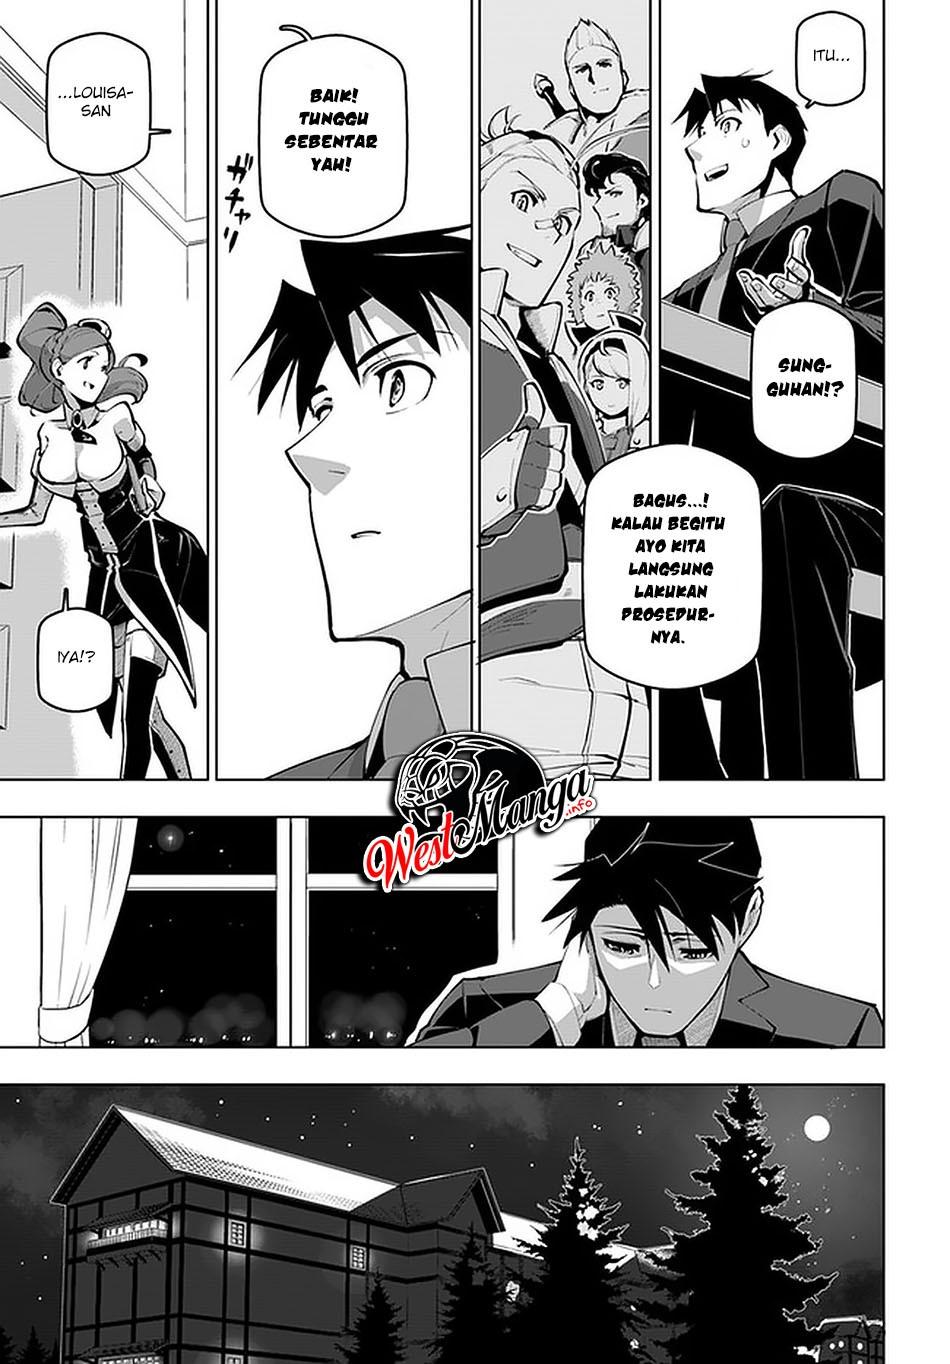 Sekai Saikyou no Kouei: Meikyuukoku no Shinjin Tansakusha: Chapter 18.2 - Page 11